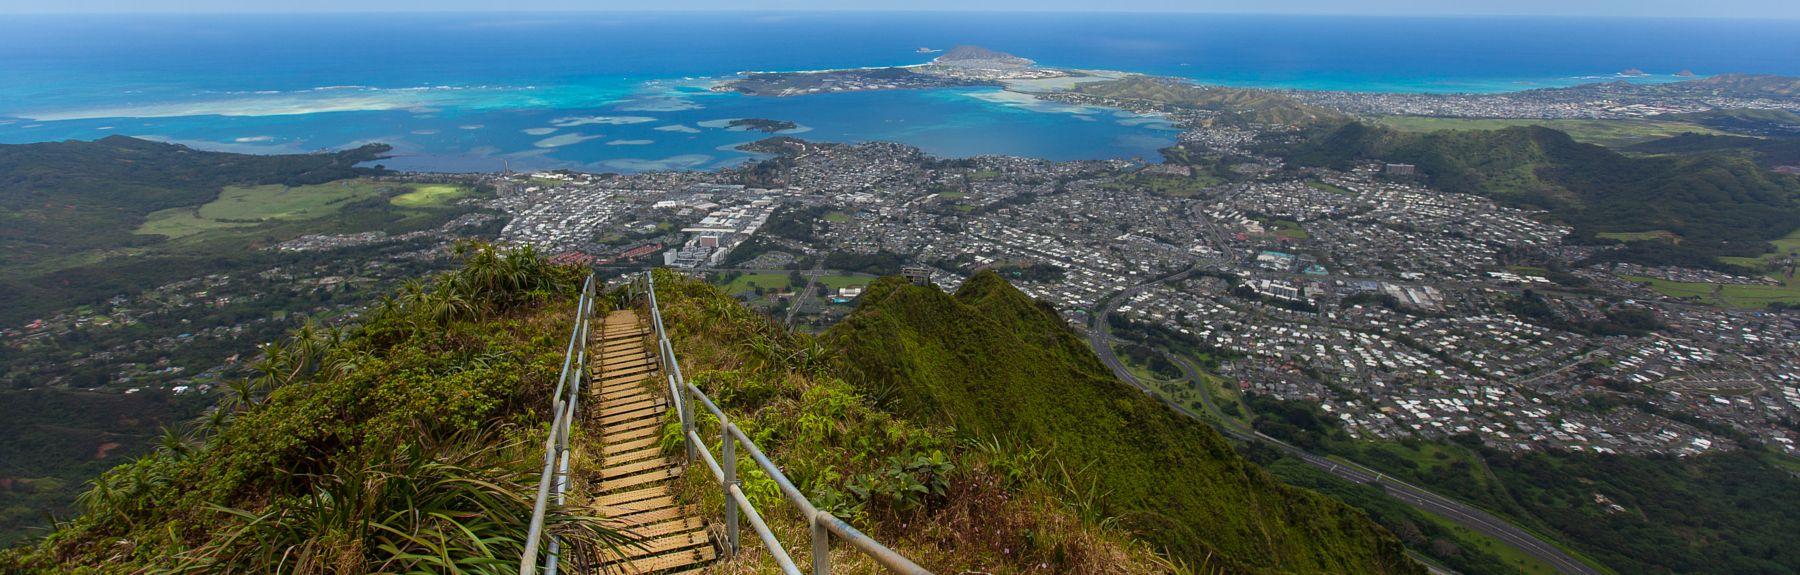 Haʻikū, Hawaje, Stany Zjednoczone